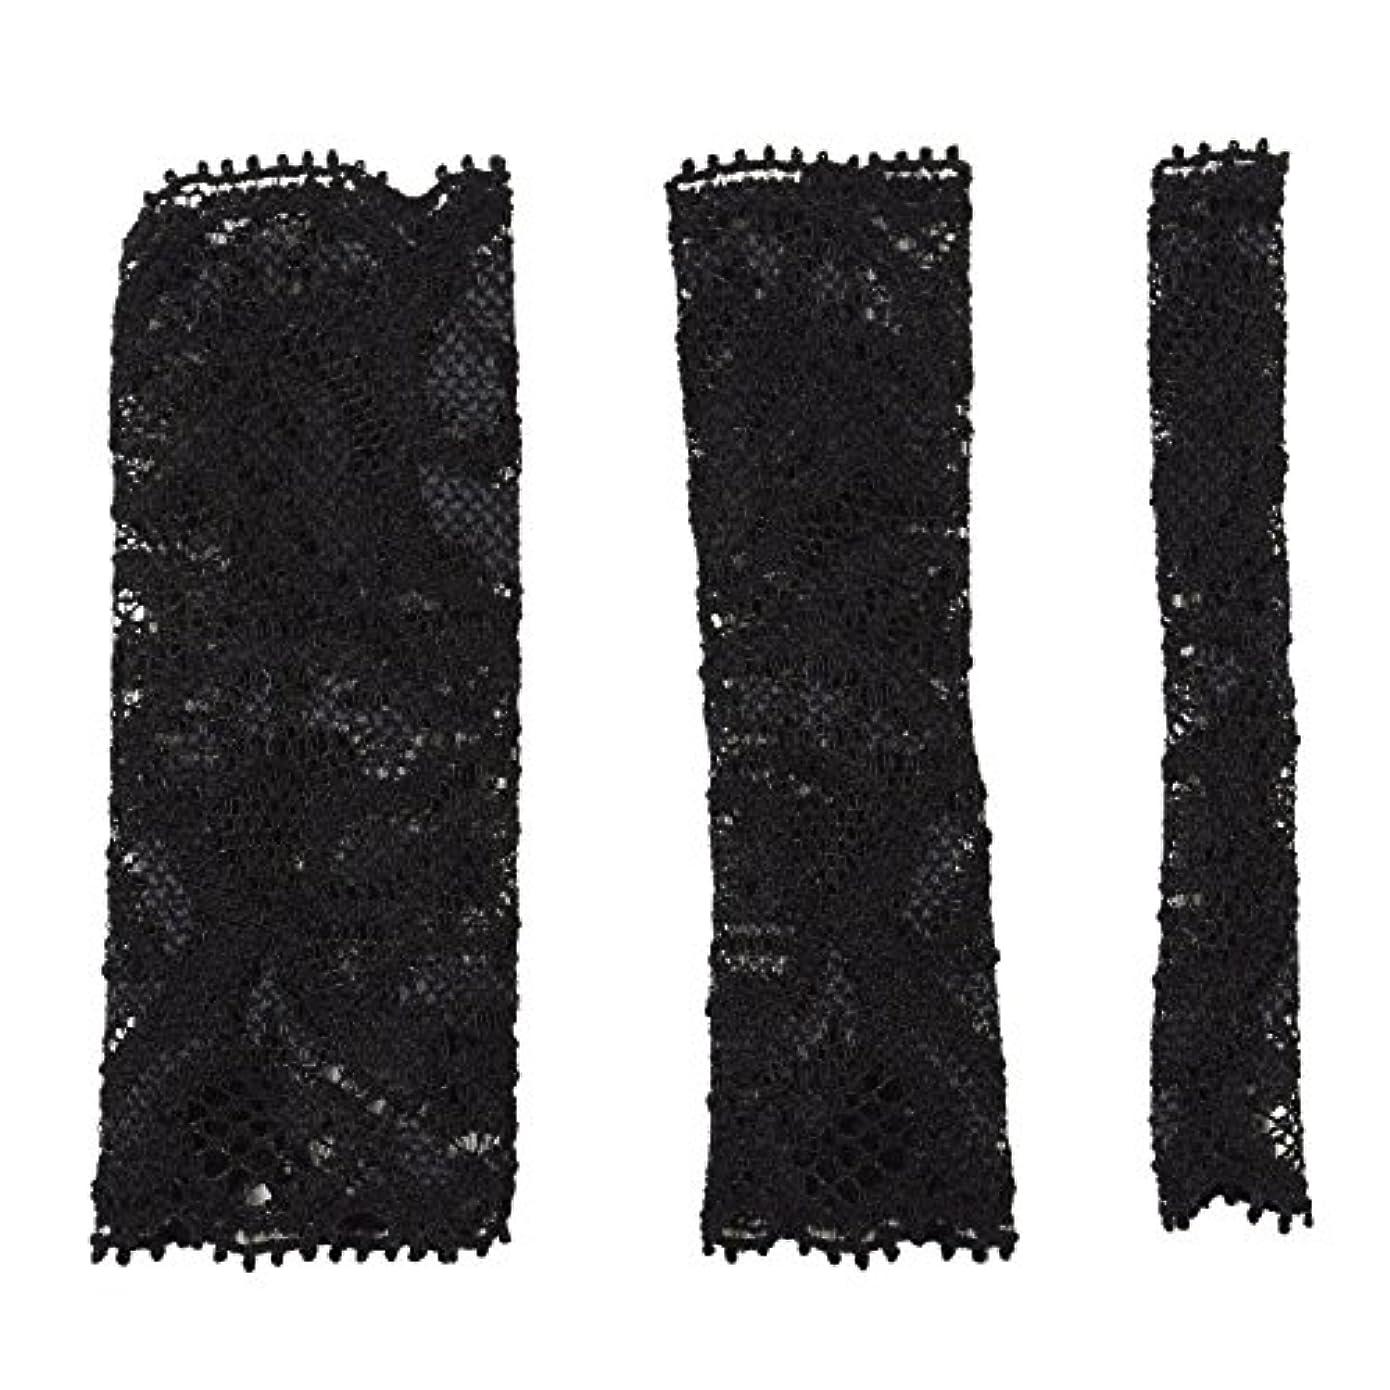 存在するきらめくスペクトラムBCL500BK 六角館さくら堂 ブラッシュキャップ3枚セット ブラック パウダーブラシ チークブラシ アイシャドーブラシ各1枚 ほこりや汚れからブラシから守る 化粧筆カバー ブラシキャップ ブラシカバー レース 特許申請済レース